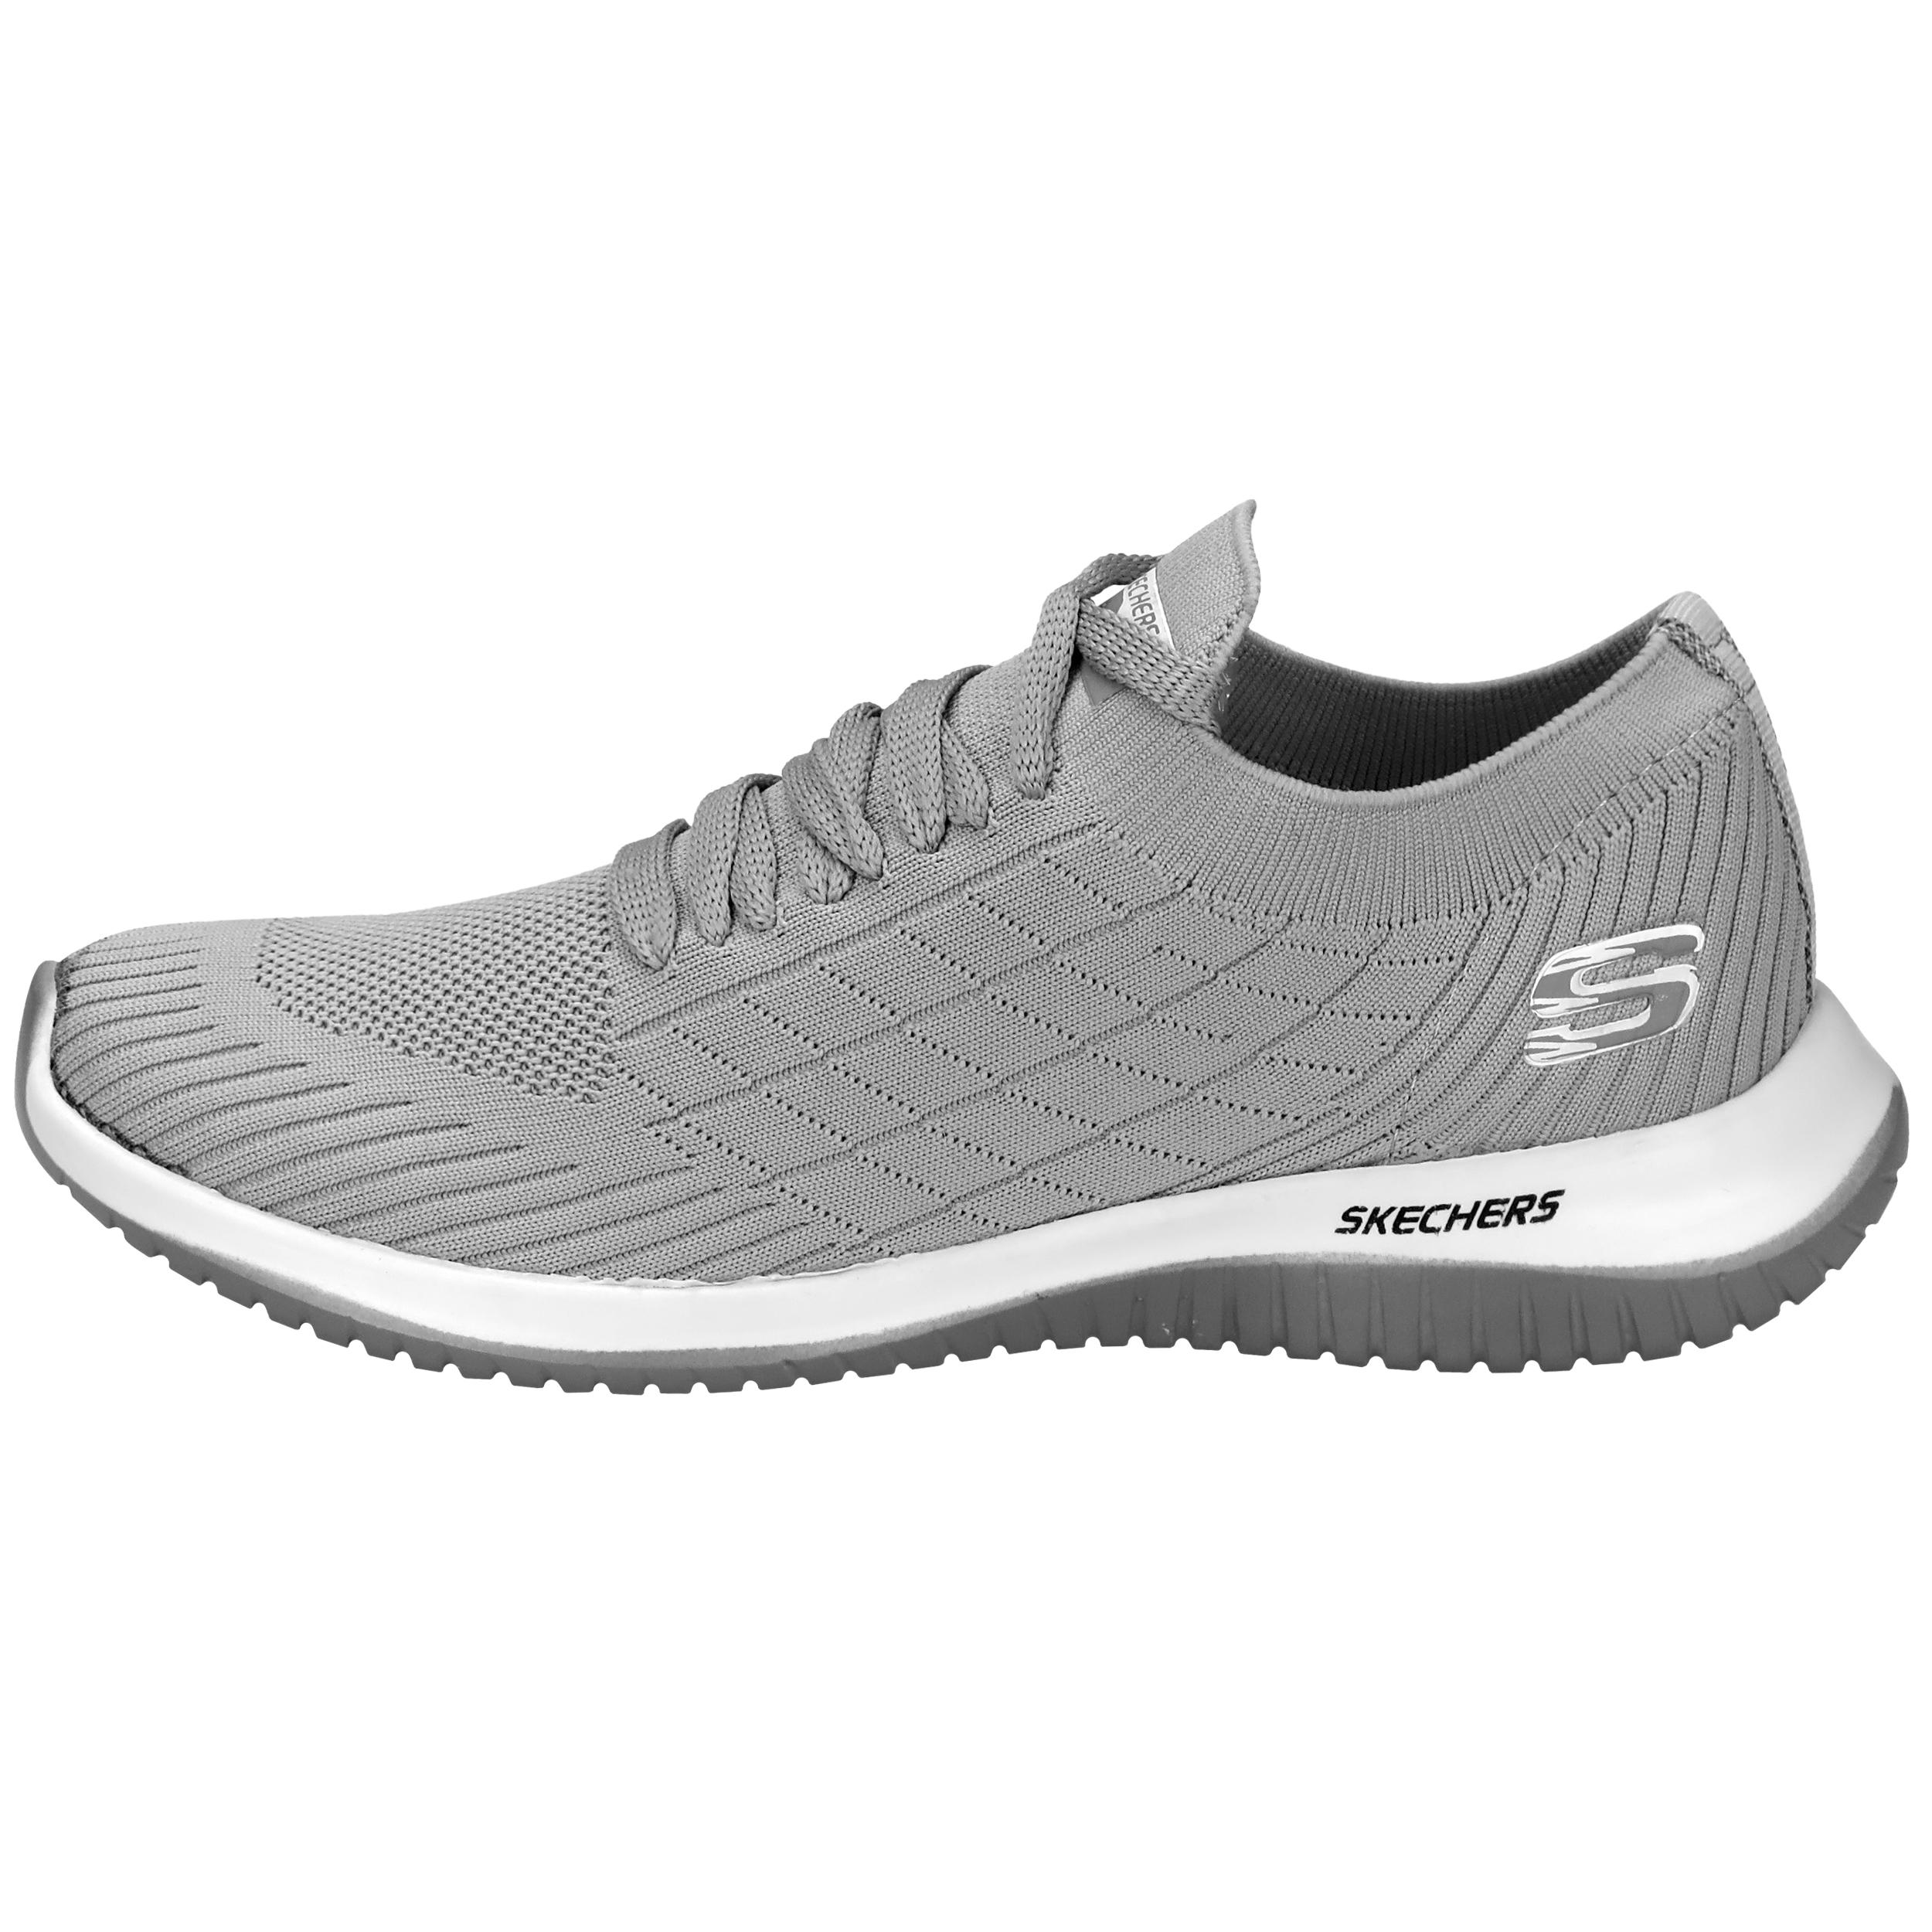 کفش پیاده روی مردانه مدل Sk005